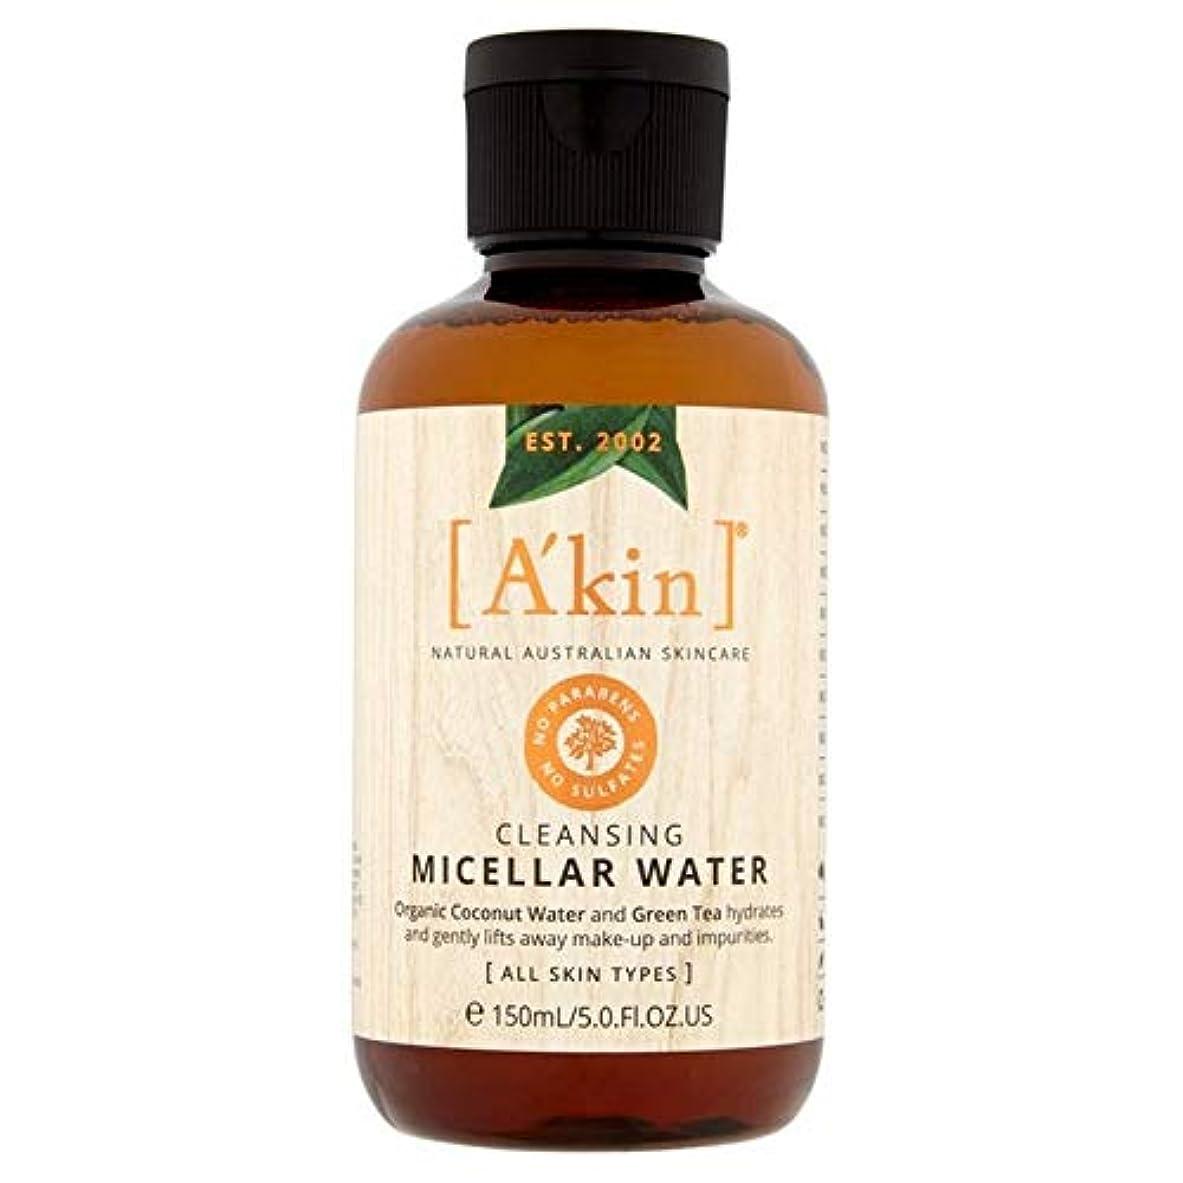 降臨アニメーション控えめな[A'kin] ミセルの水150ミリリットルクレンジングA'Kin - A'kin Cleansing Micellar Water 150ml [並行輸入品]